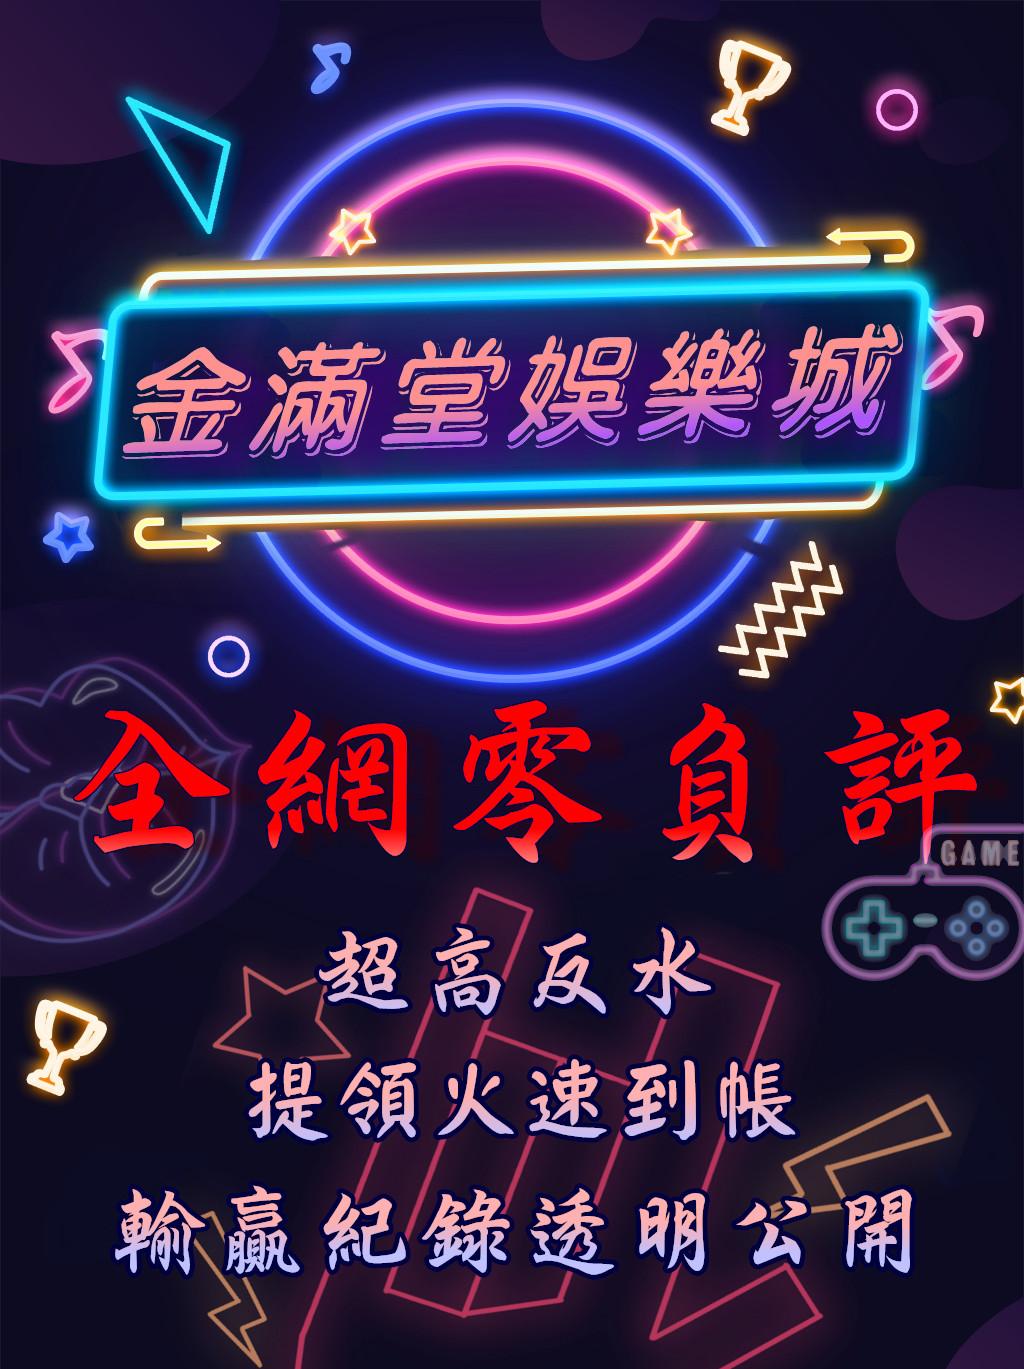 <<金滿堂娛樂城>>全網零負評!!首席娛樂城!!